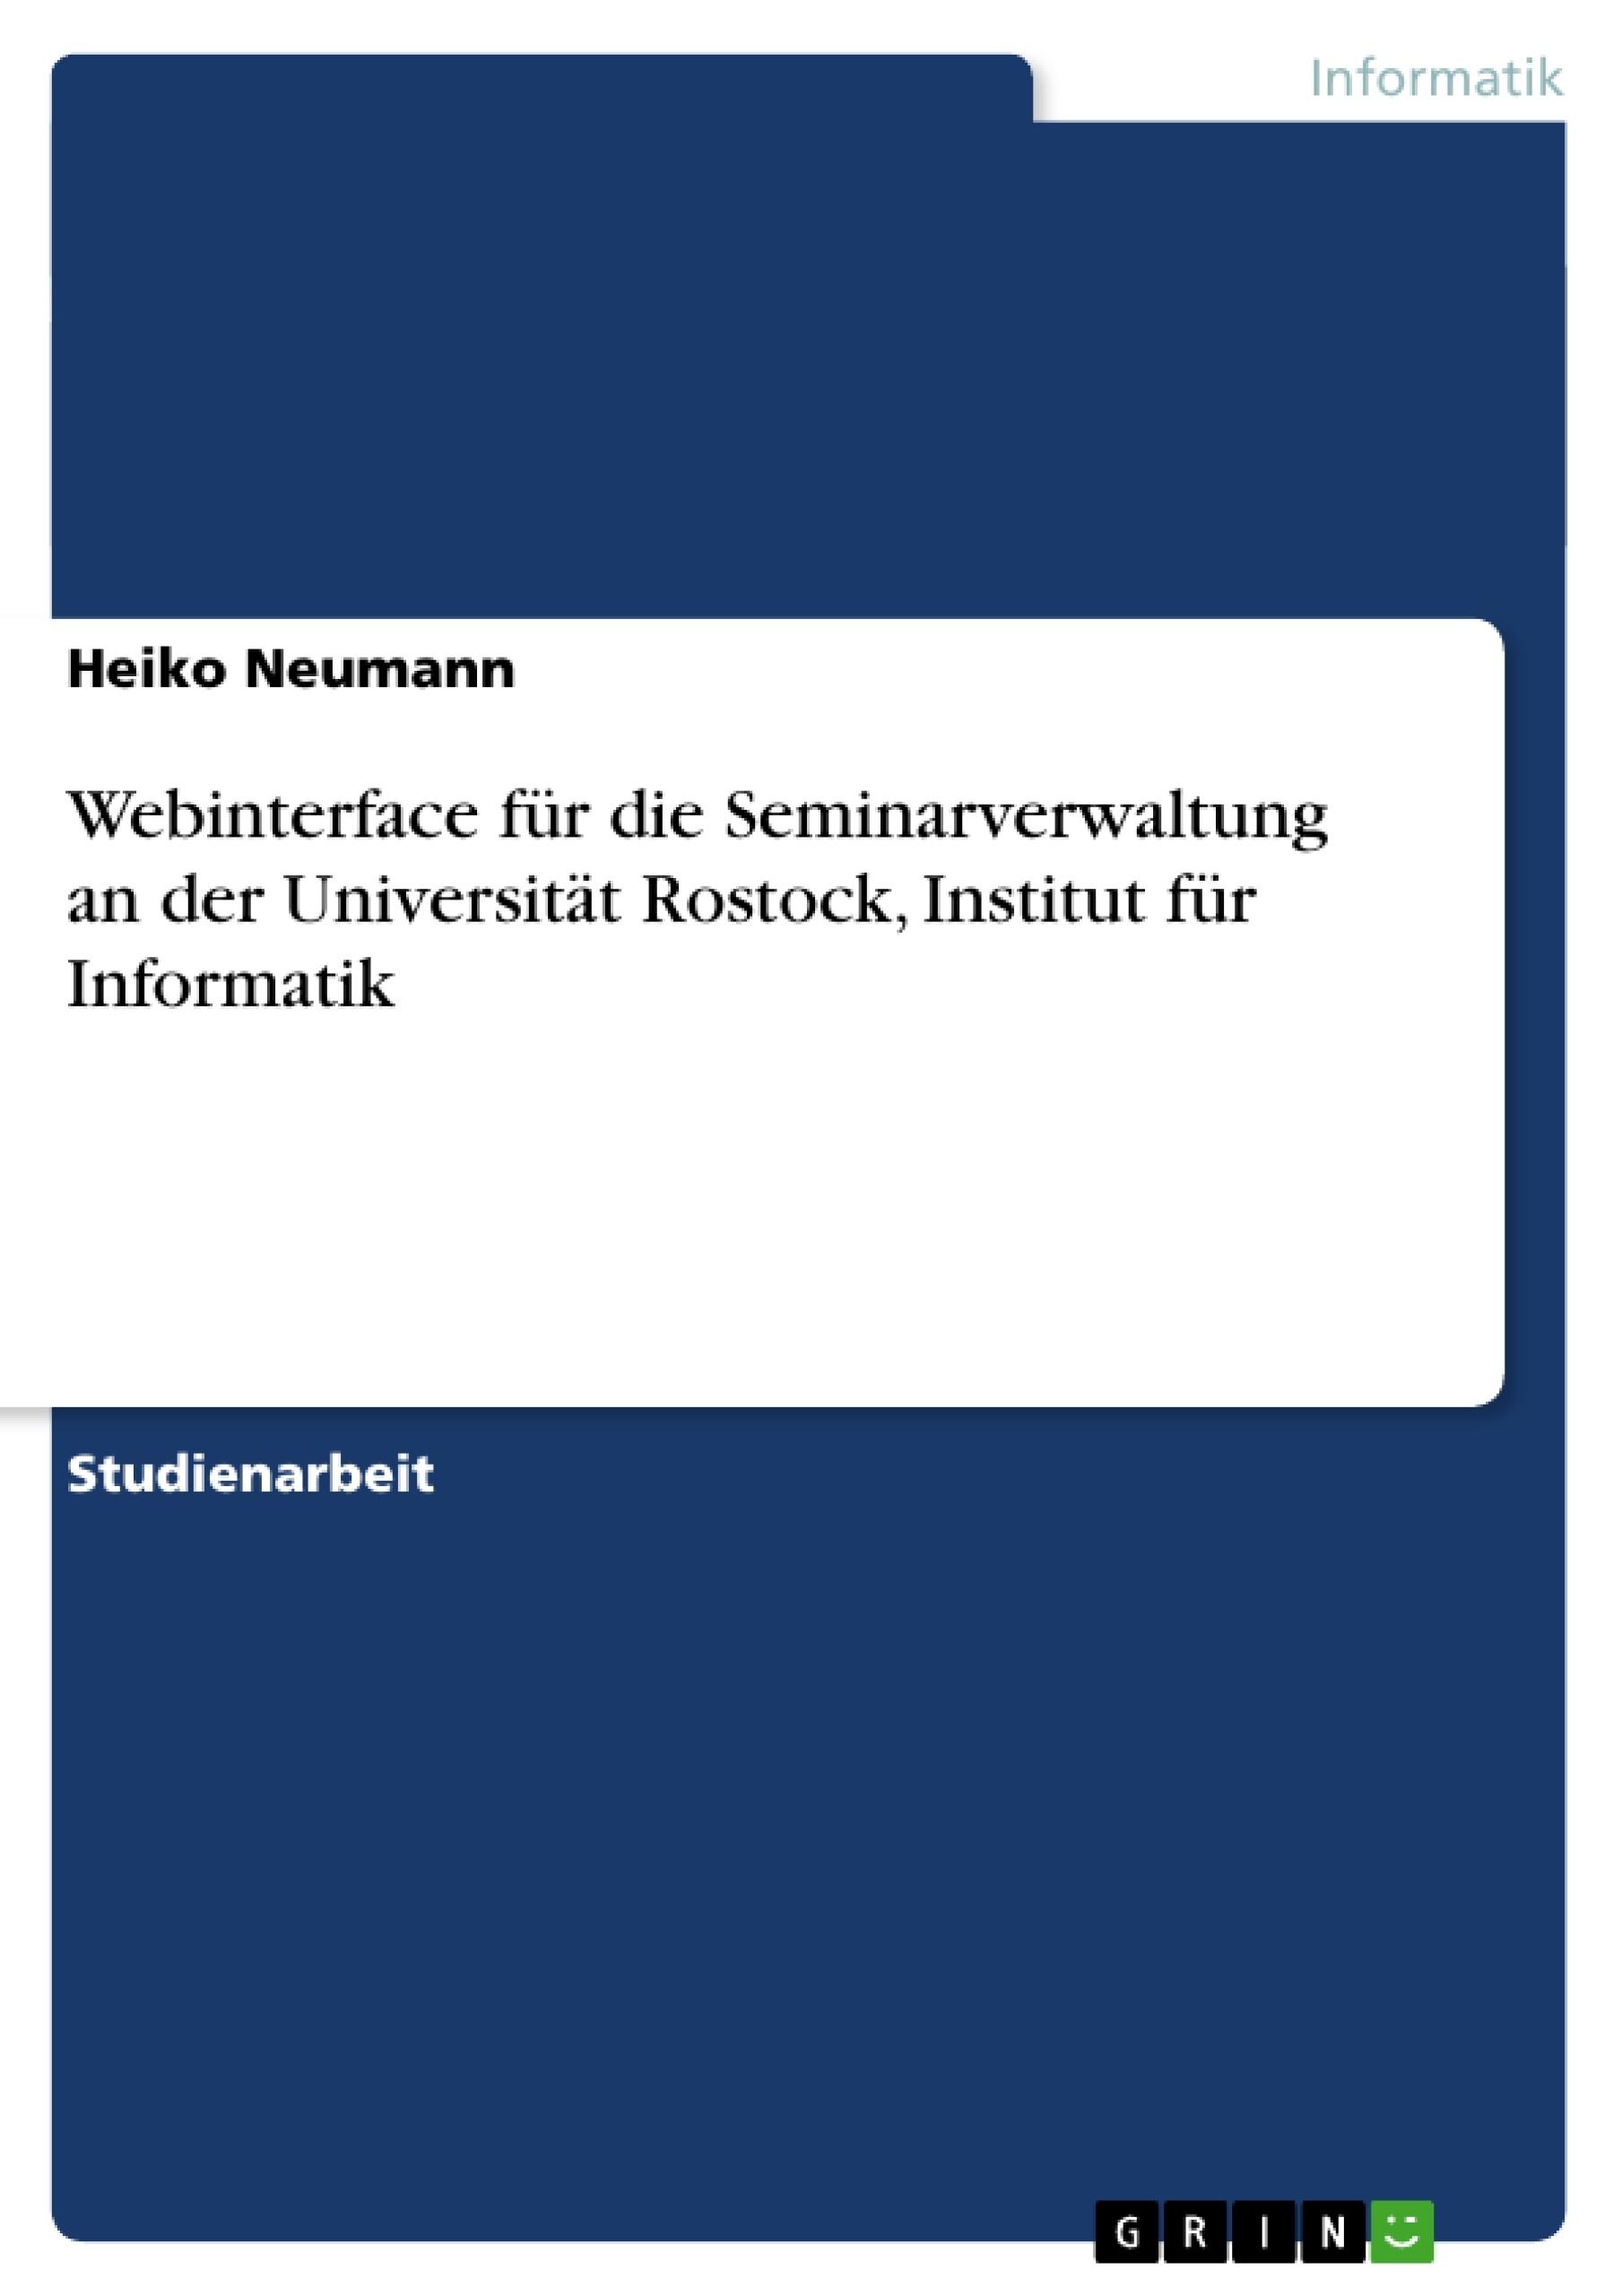 Titel: Webinterface für die Seminarverwaltung an der Universität Rostock, Institut für Informatik